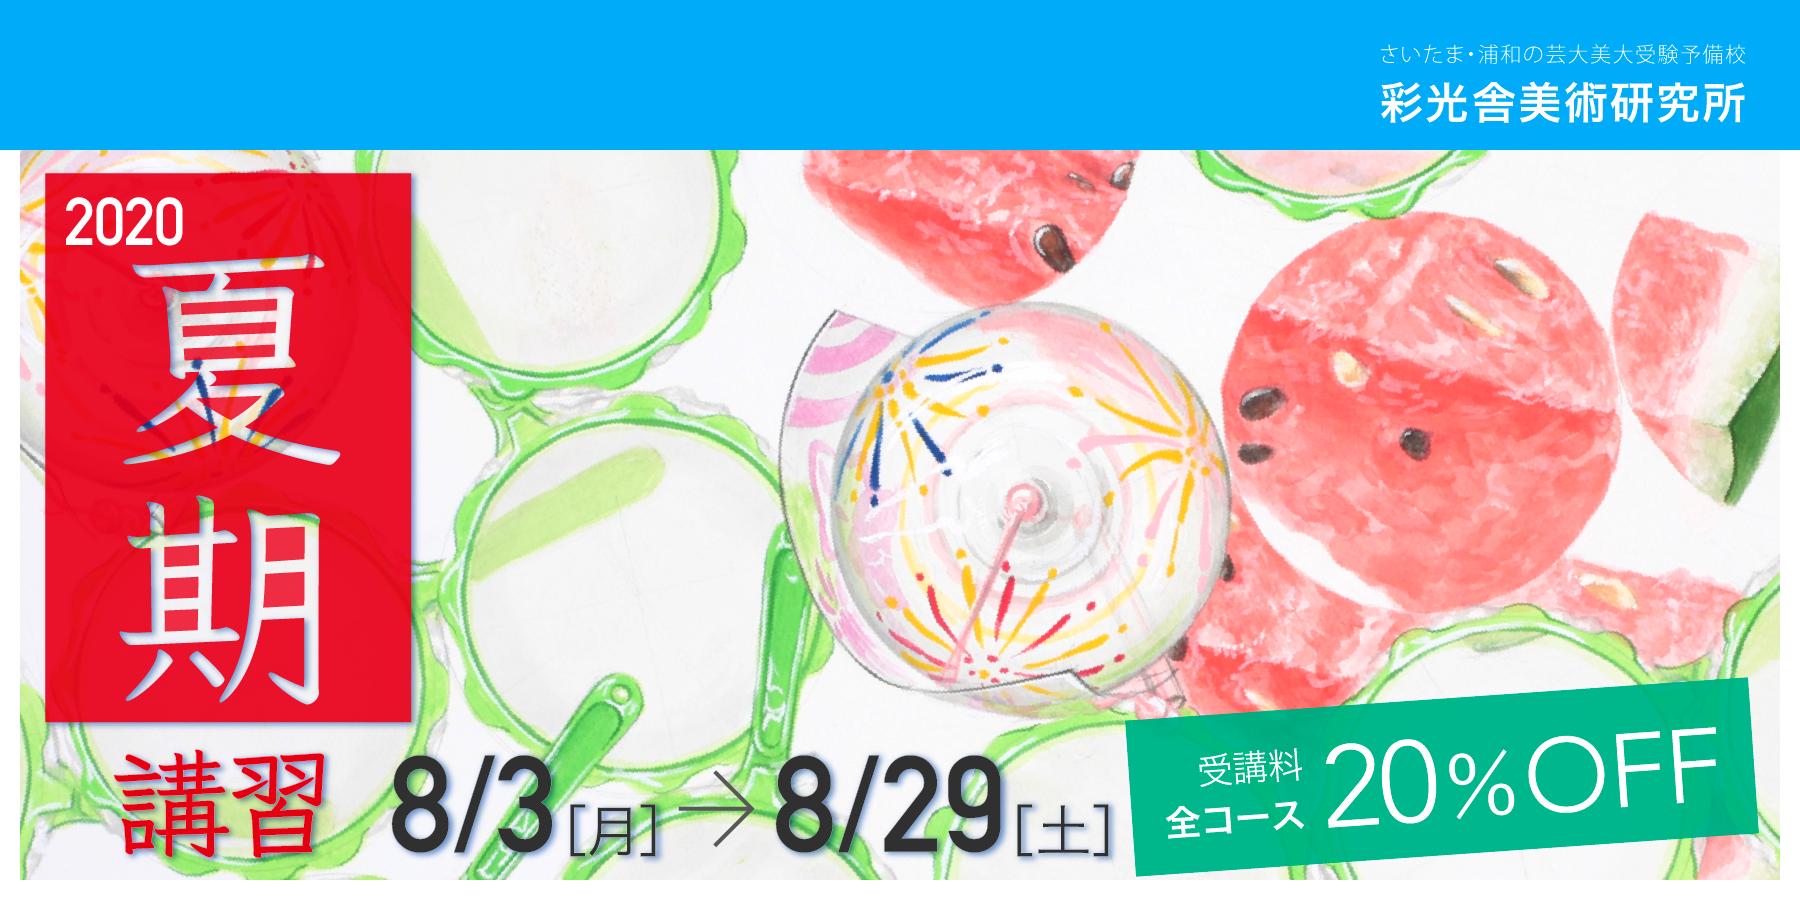 夏期講習 美術 芸術 大学 高校 東京芸大 多摩美術 武蔵野美術 ターム 金額